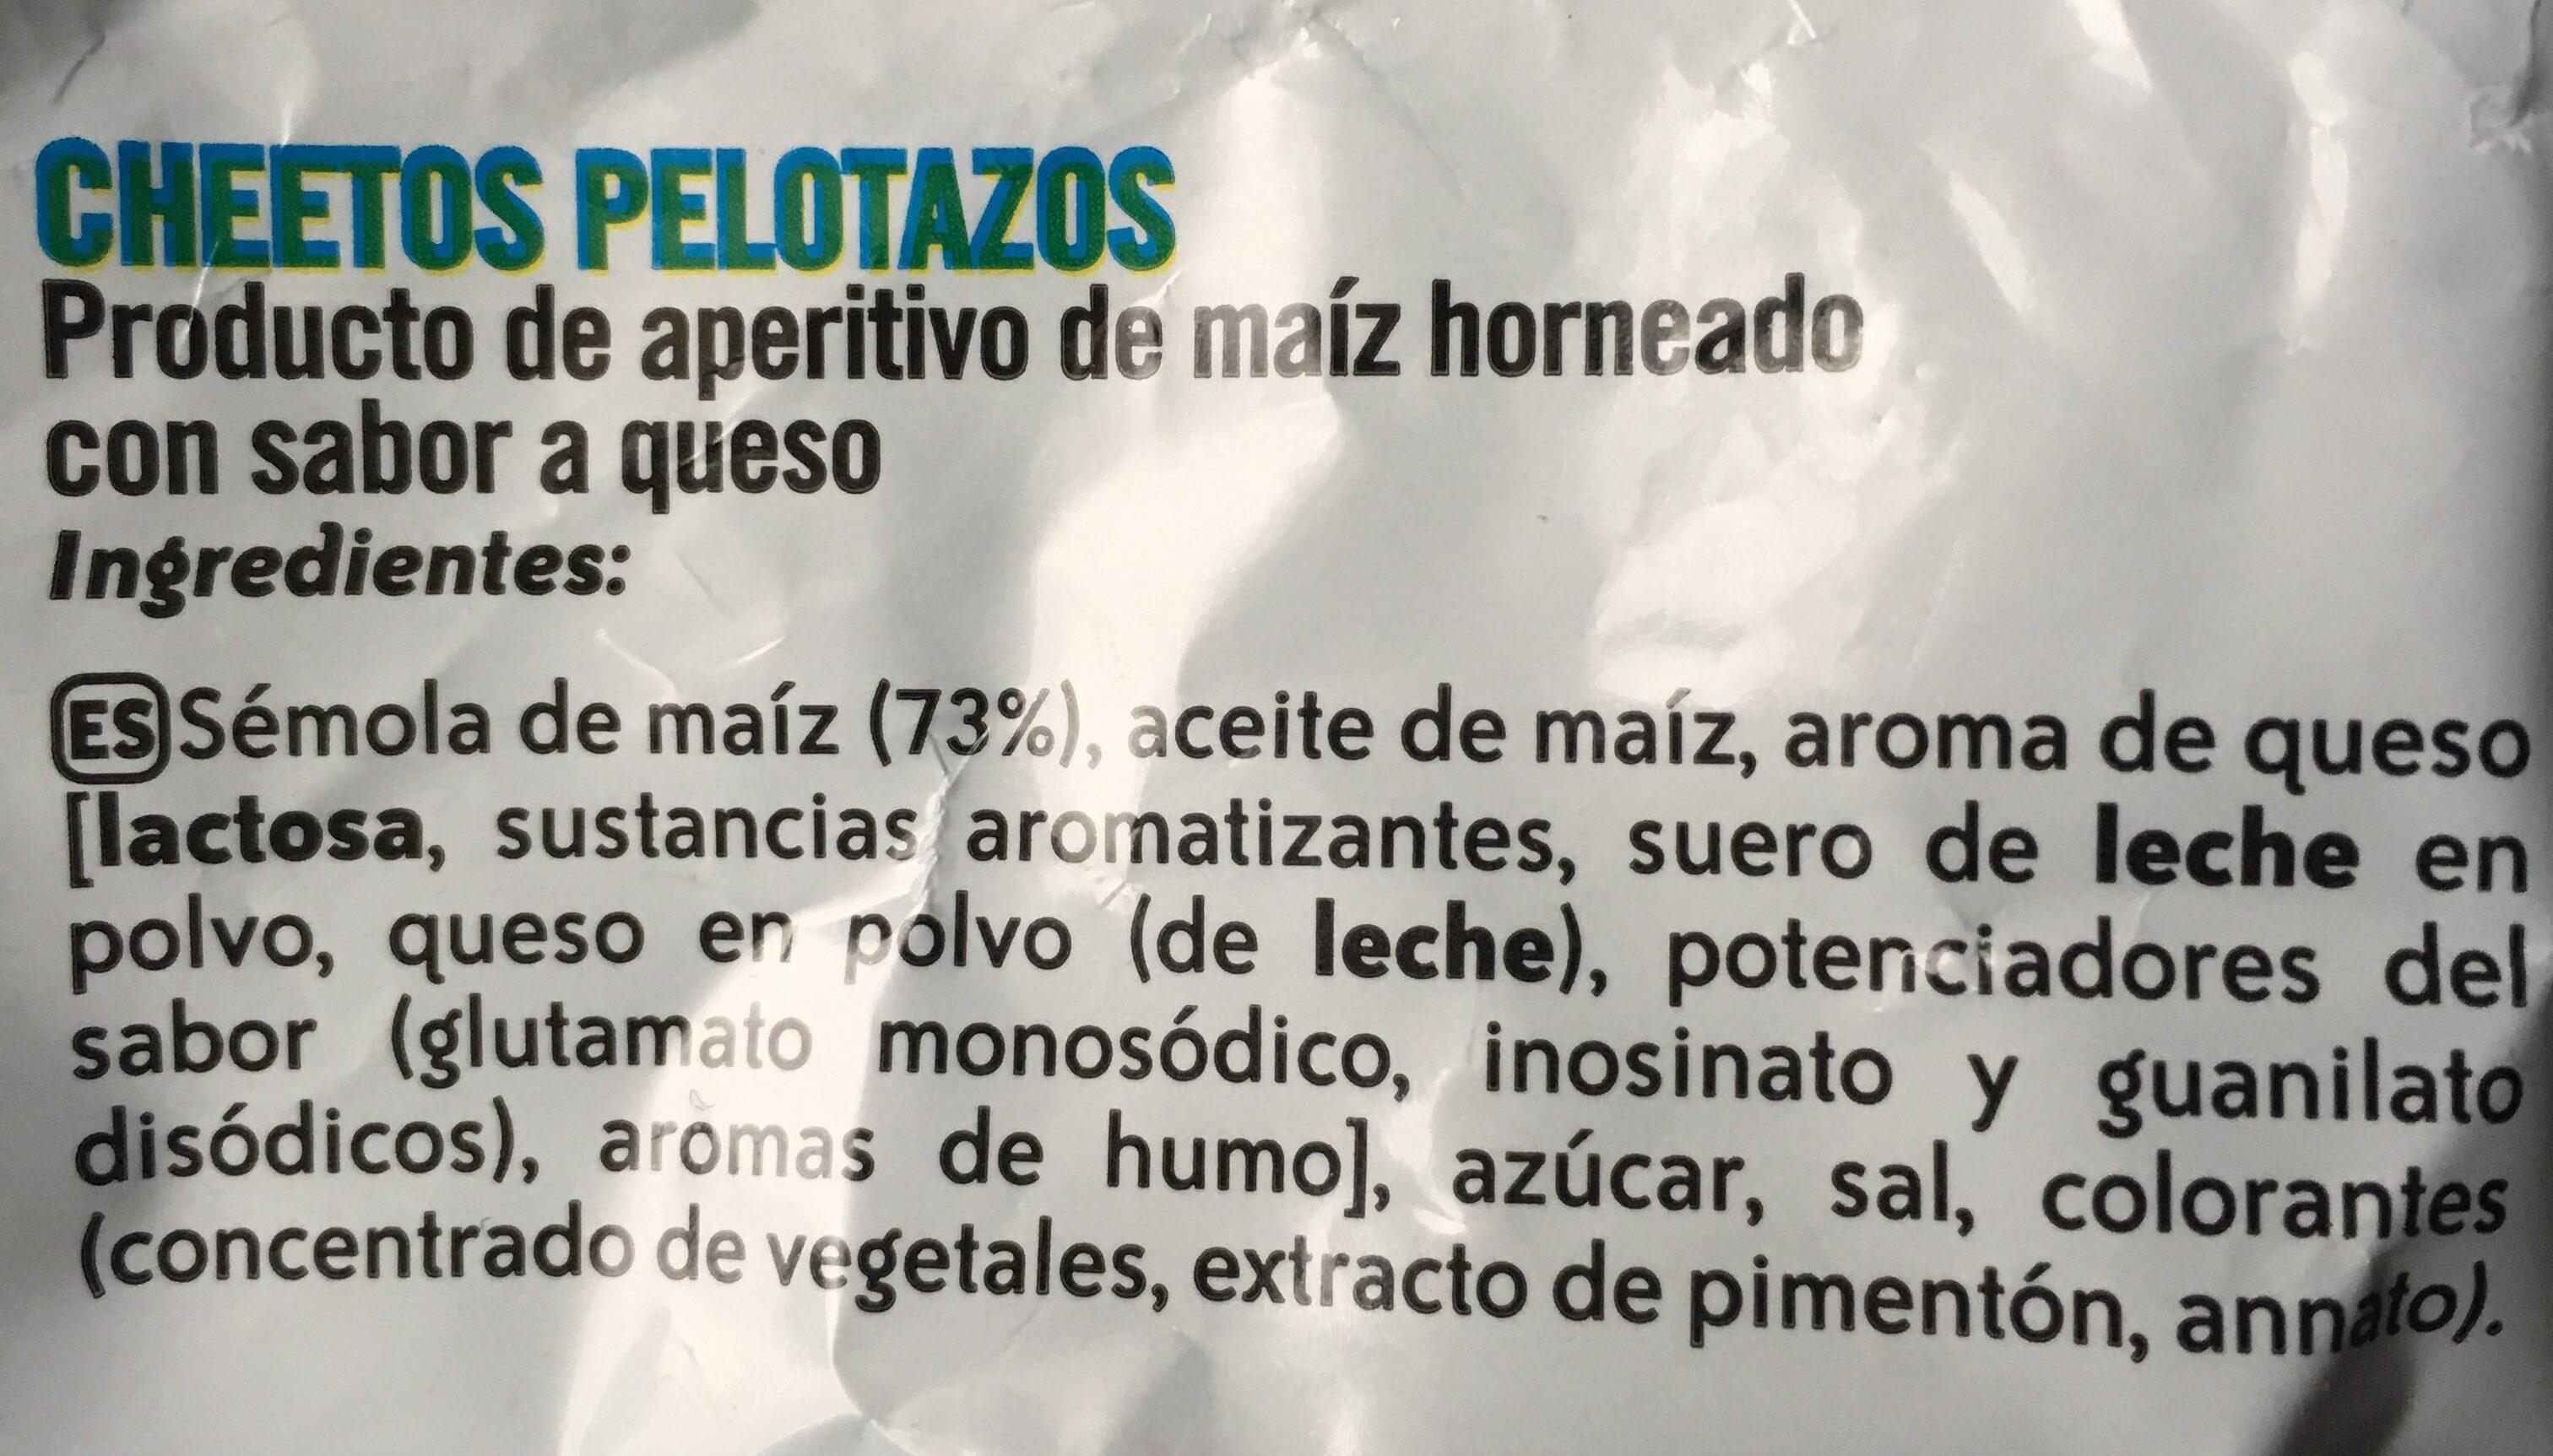 Pelotazos - Ingredientes - es